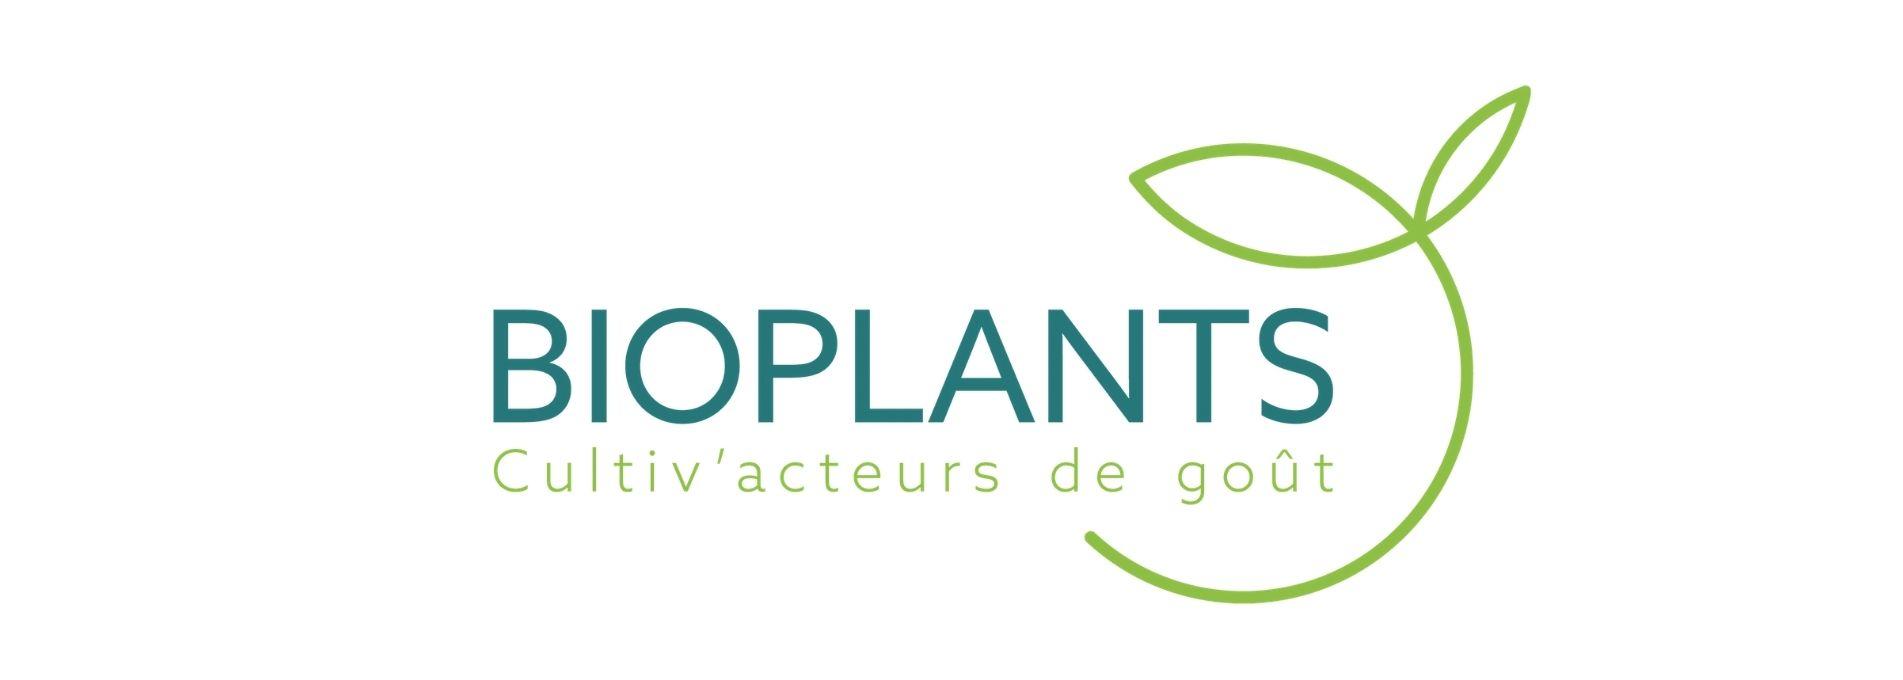 Bioplants opte pour un nouveau logo